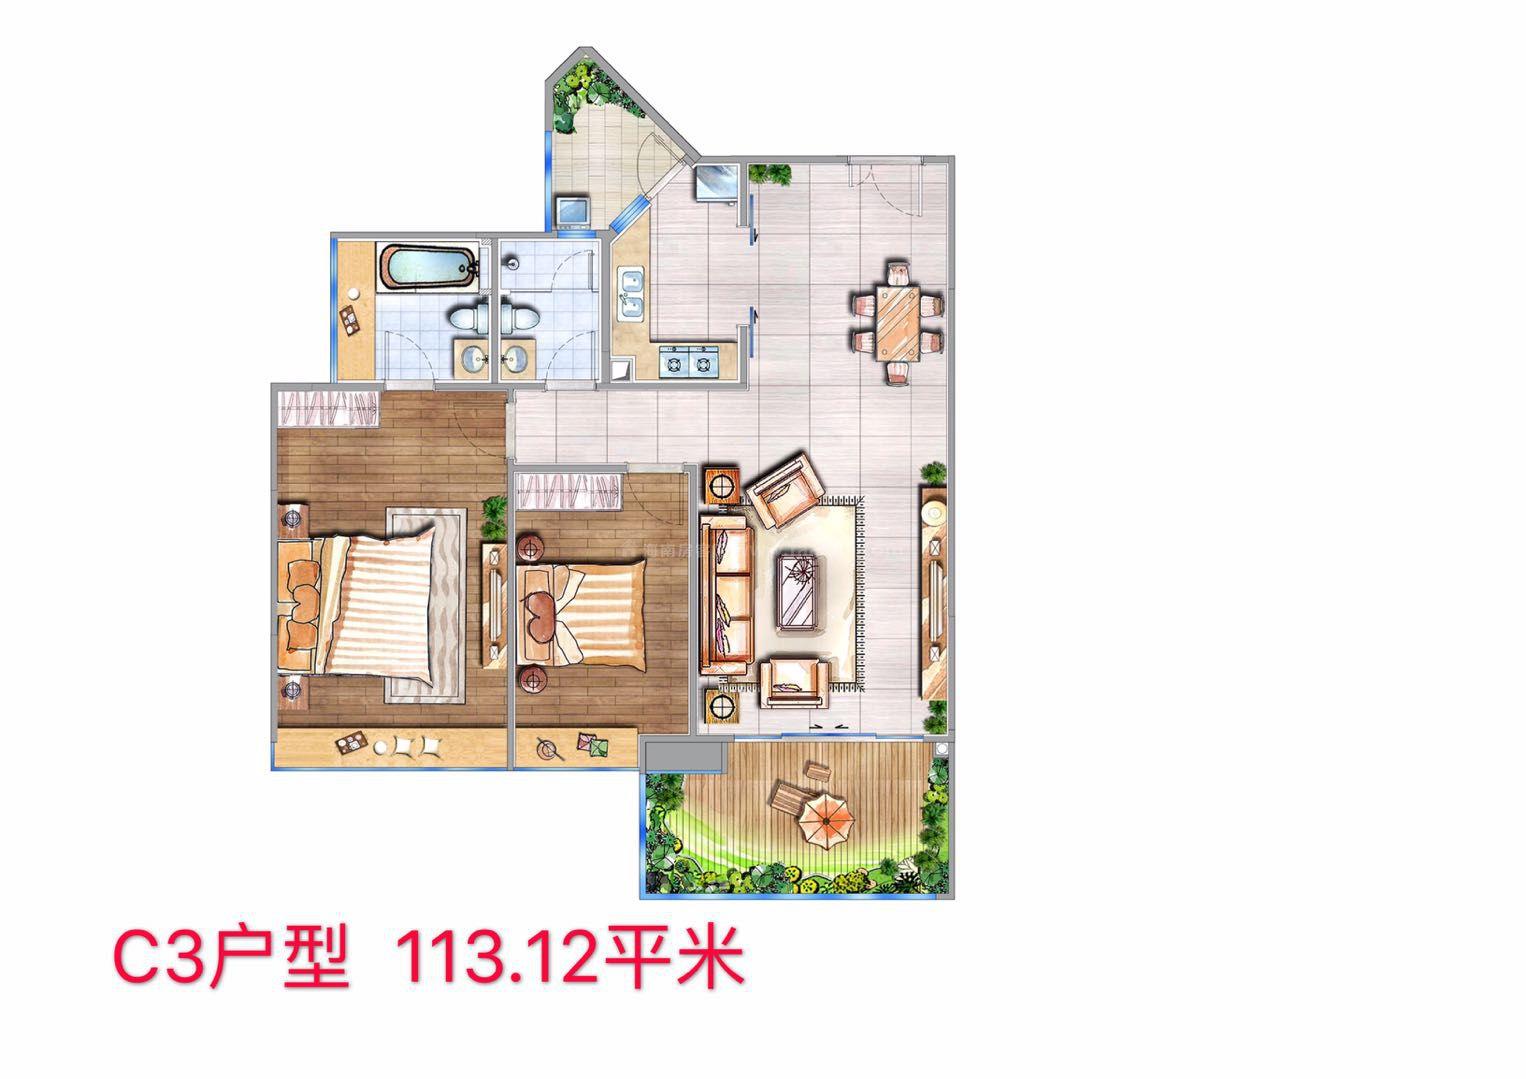 C3户型 2房1厅1厨2卫 建筑面积约113.12㎡